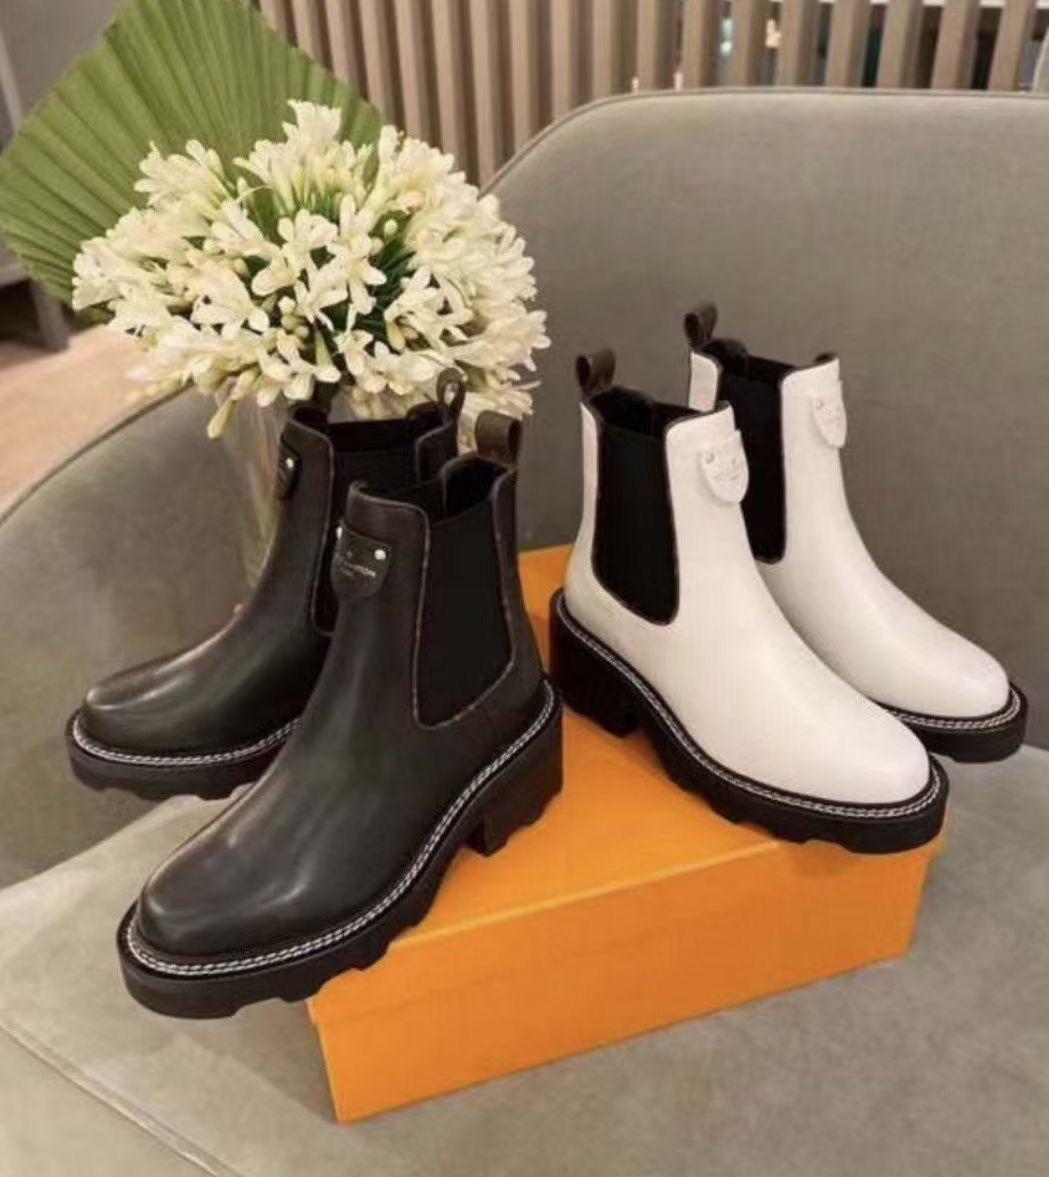 2021 Nouvelle arrivée Mode Femme Half Bottes Girls Hiver Cuir Plat Bottines Bottines En plein air Cool Noir Chaussures de démarrage Blanc Taille 35-41 # L3